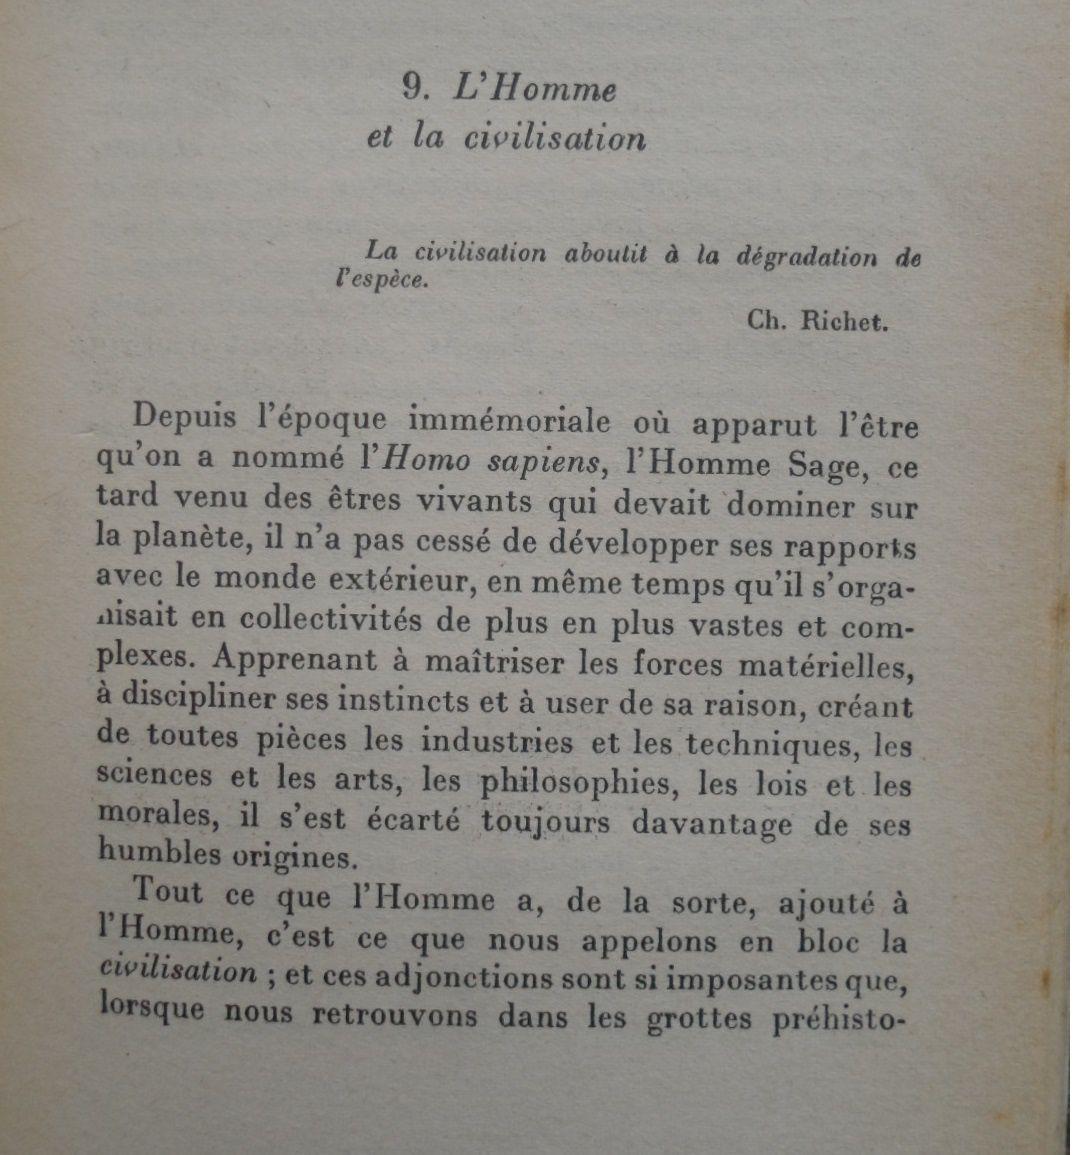 L'Homme et la civilisation (Jean Rostand)